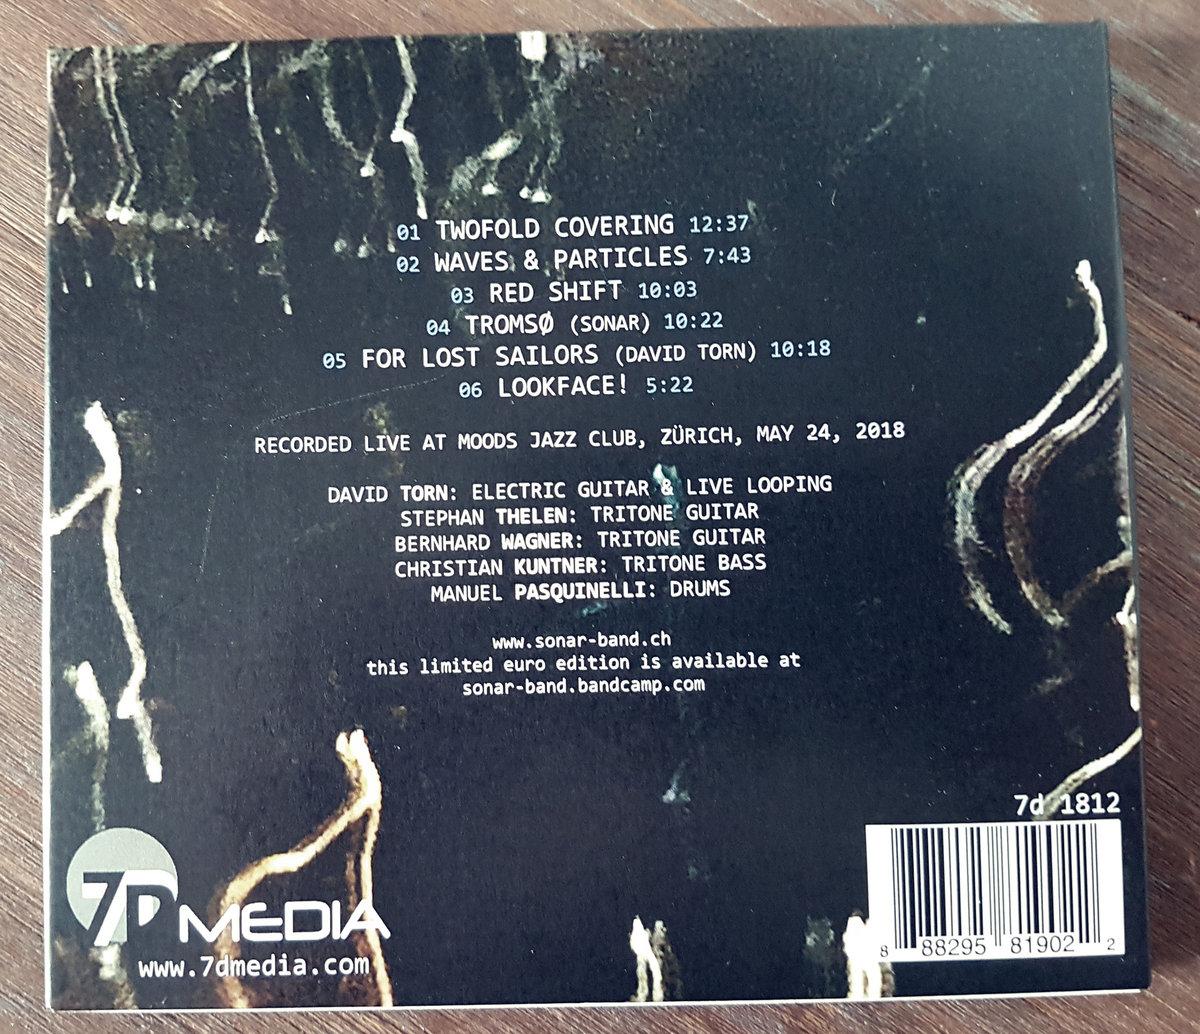 THE FOUND BRITT BAIXAR GET NICOLE CD LOST